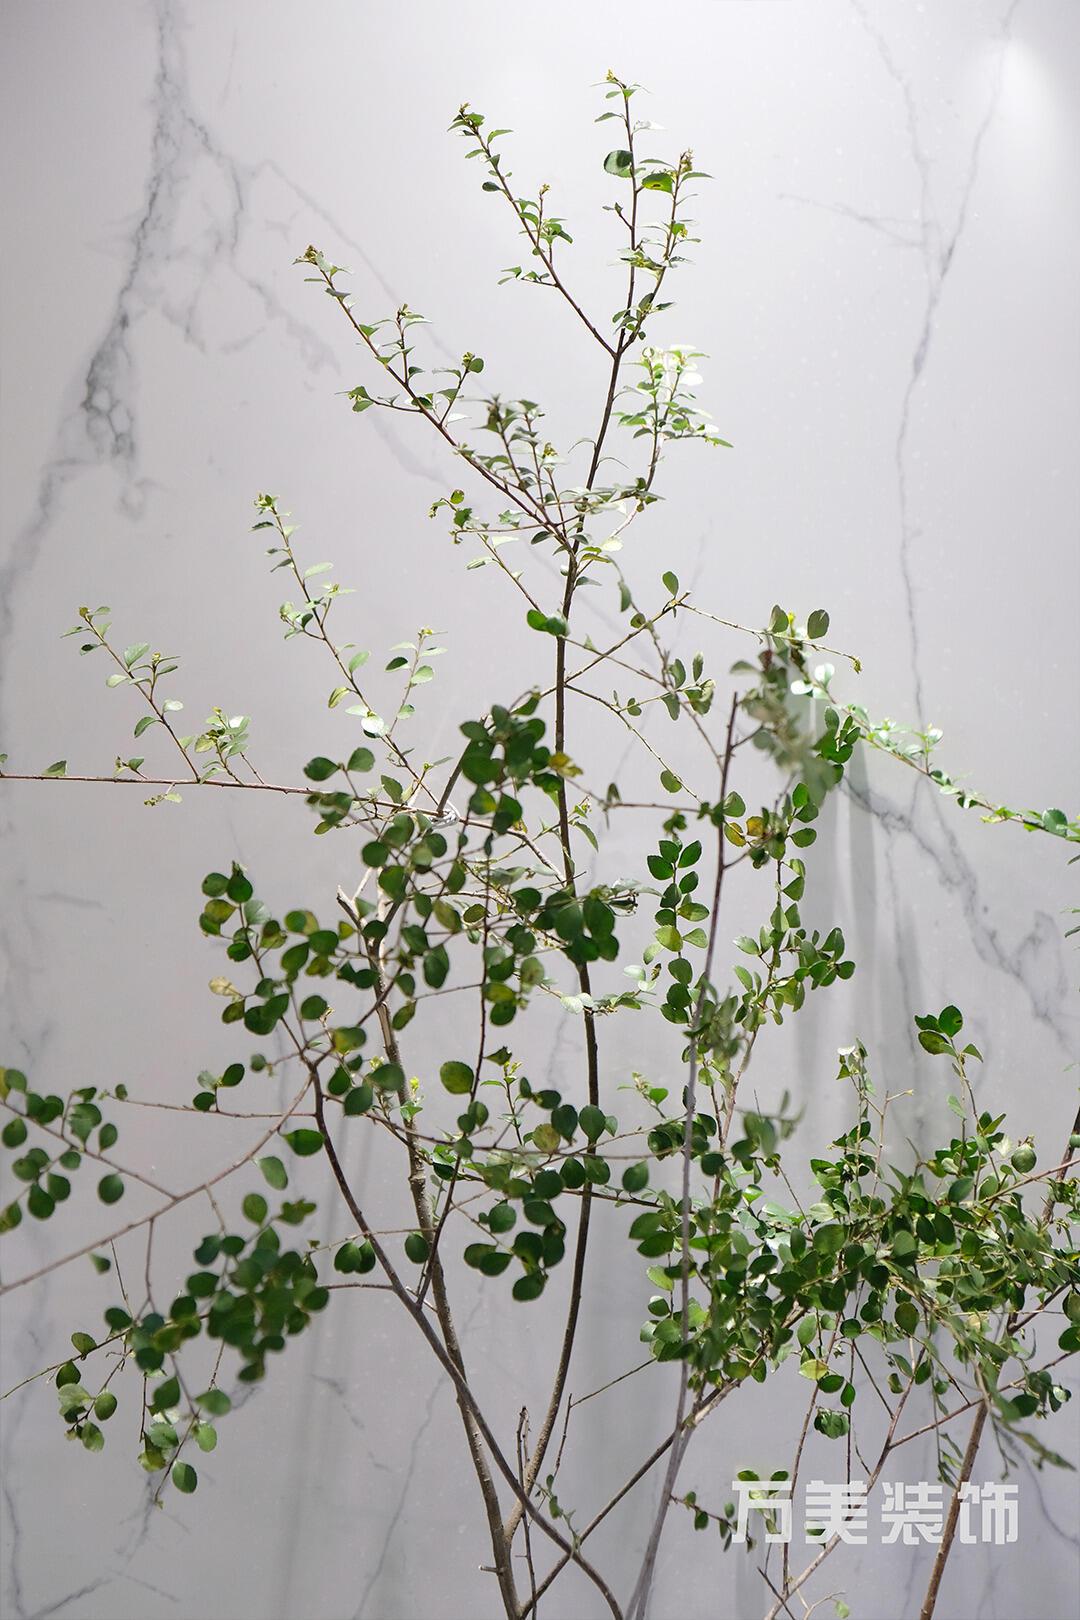 【家之美】中天鷺鷥灣二期137㎡,自然之力融入空間,尋求美學與尺度的平衡。